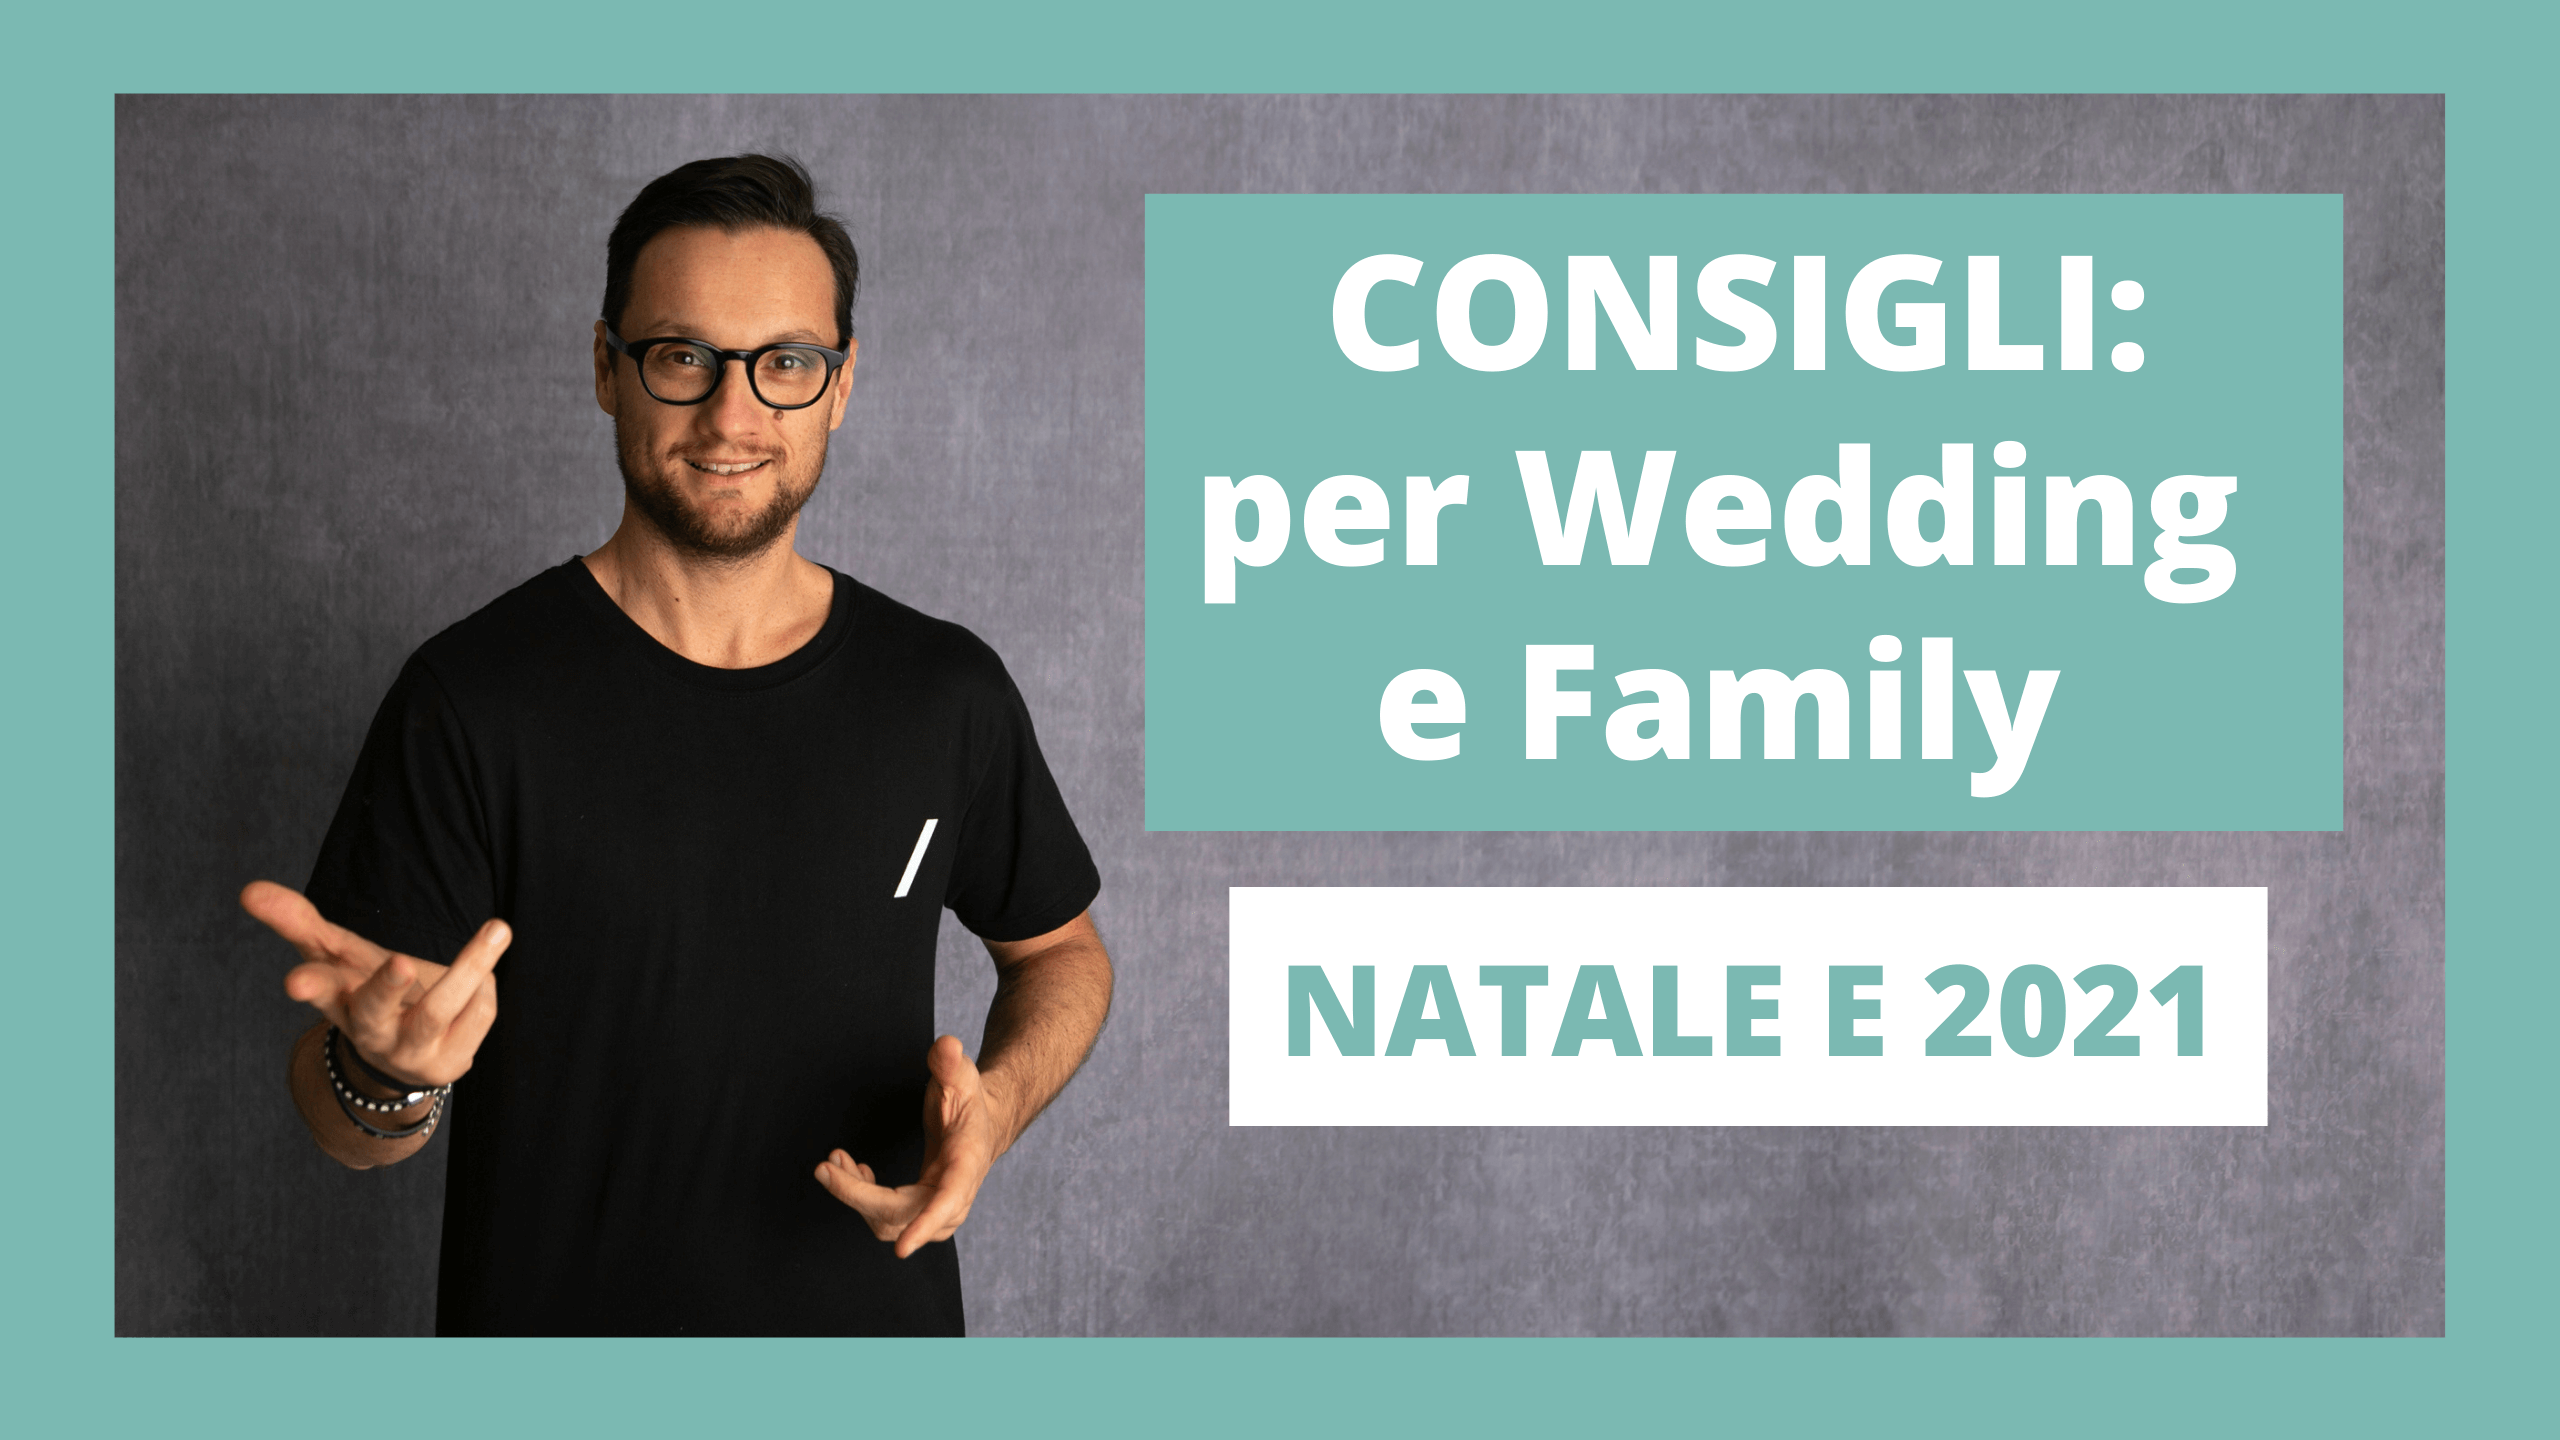 Consigli per Wedding e Family in ottica Natale e 2021